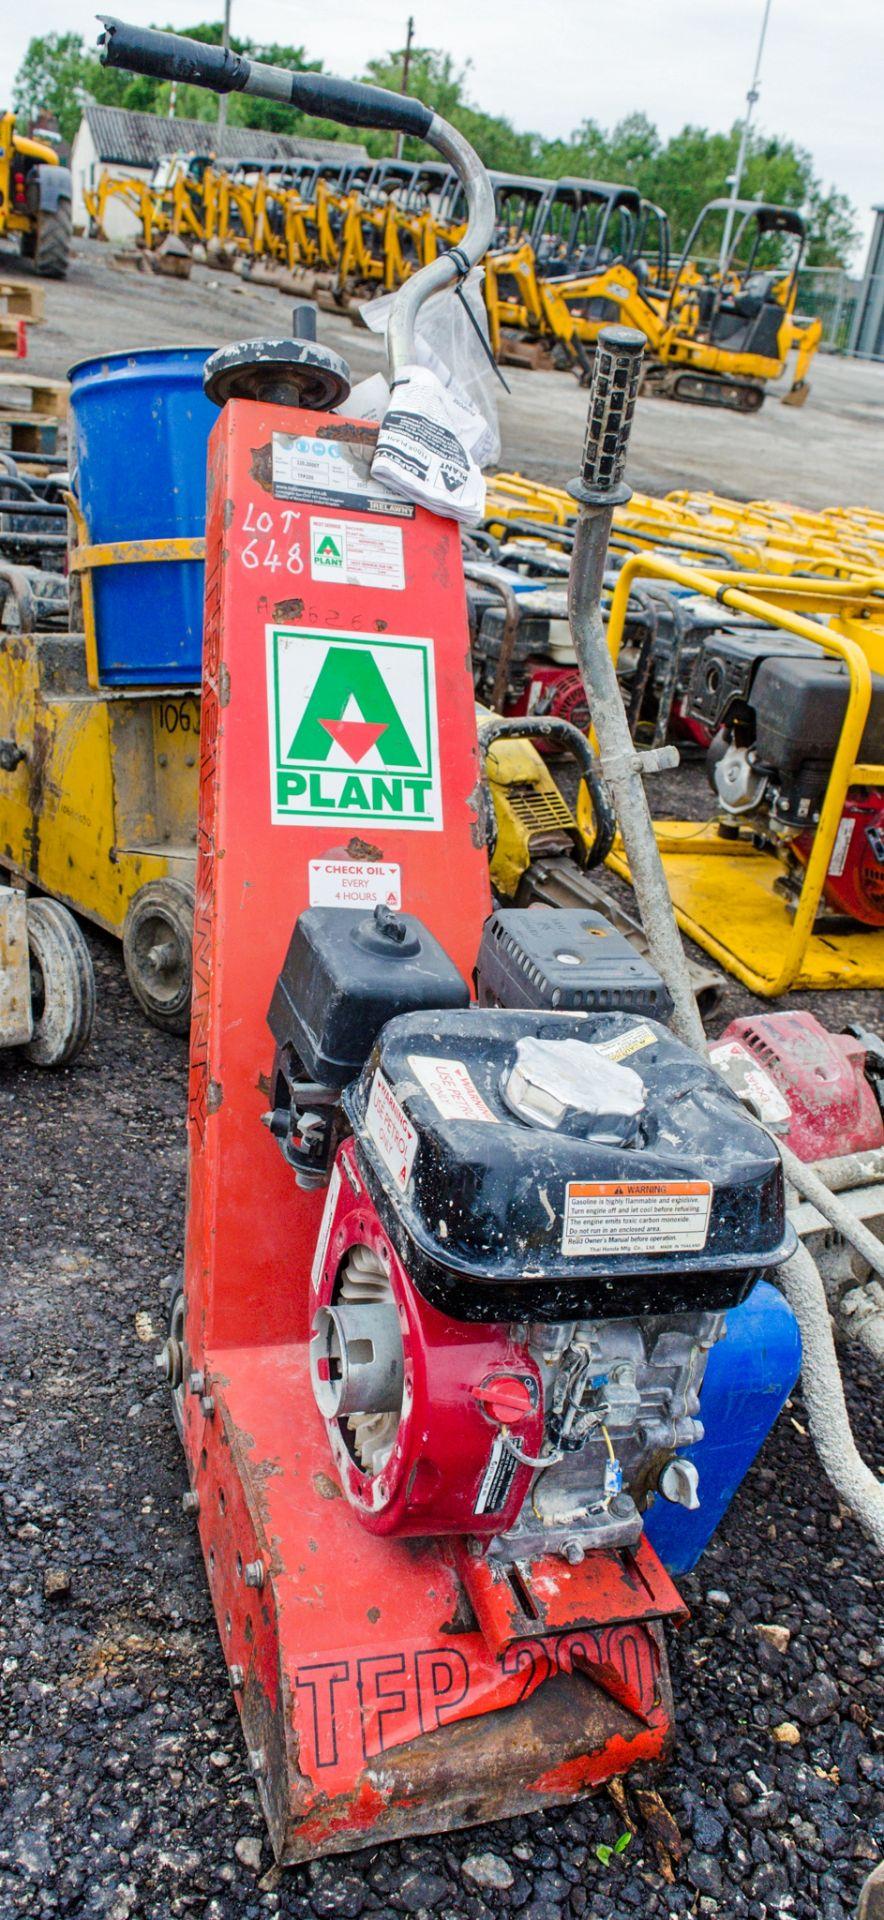 Lot 648 - Trelawny petrol driven floor planer A626260 ** Pull start missing **